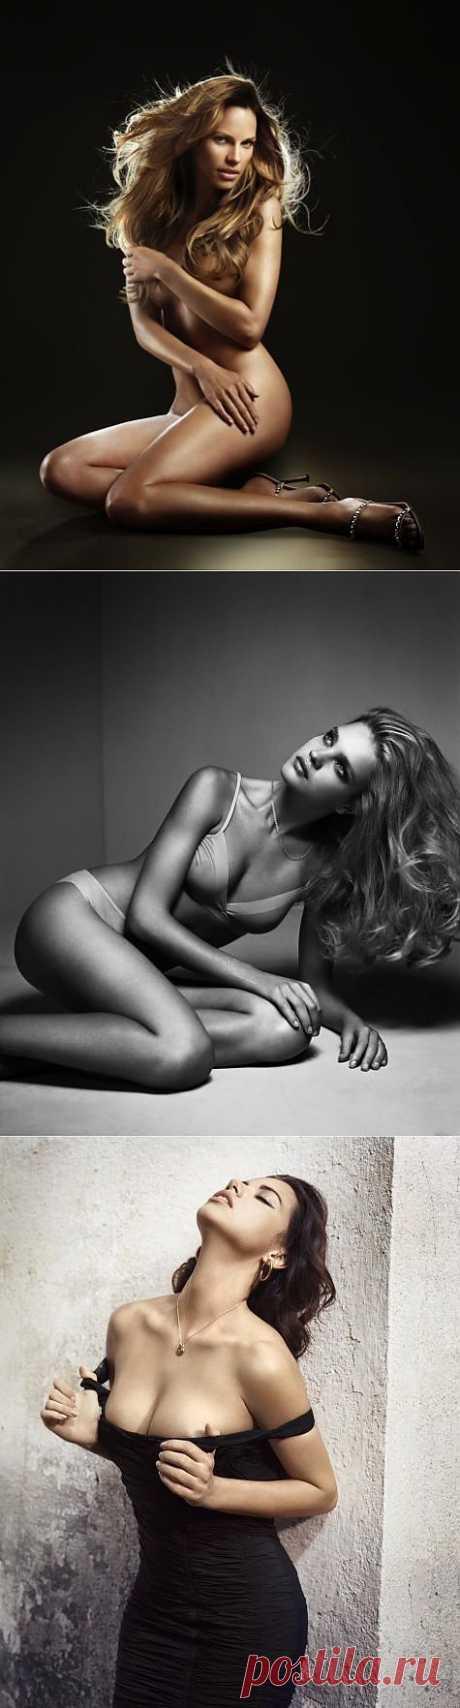 Мне не нужна кровать, чтобы доказать свою женственность. Я могу быть сексуальной, просто срывая яблоки с дерева или стоя под дождем. (с) Одри Хепберн